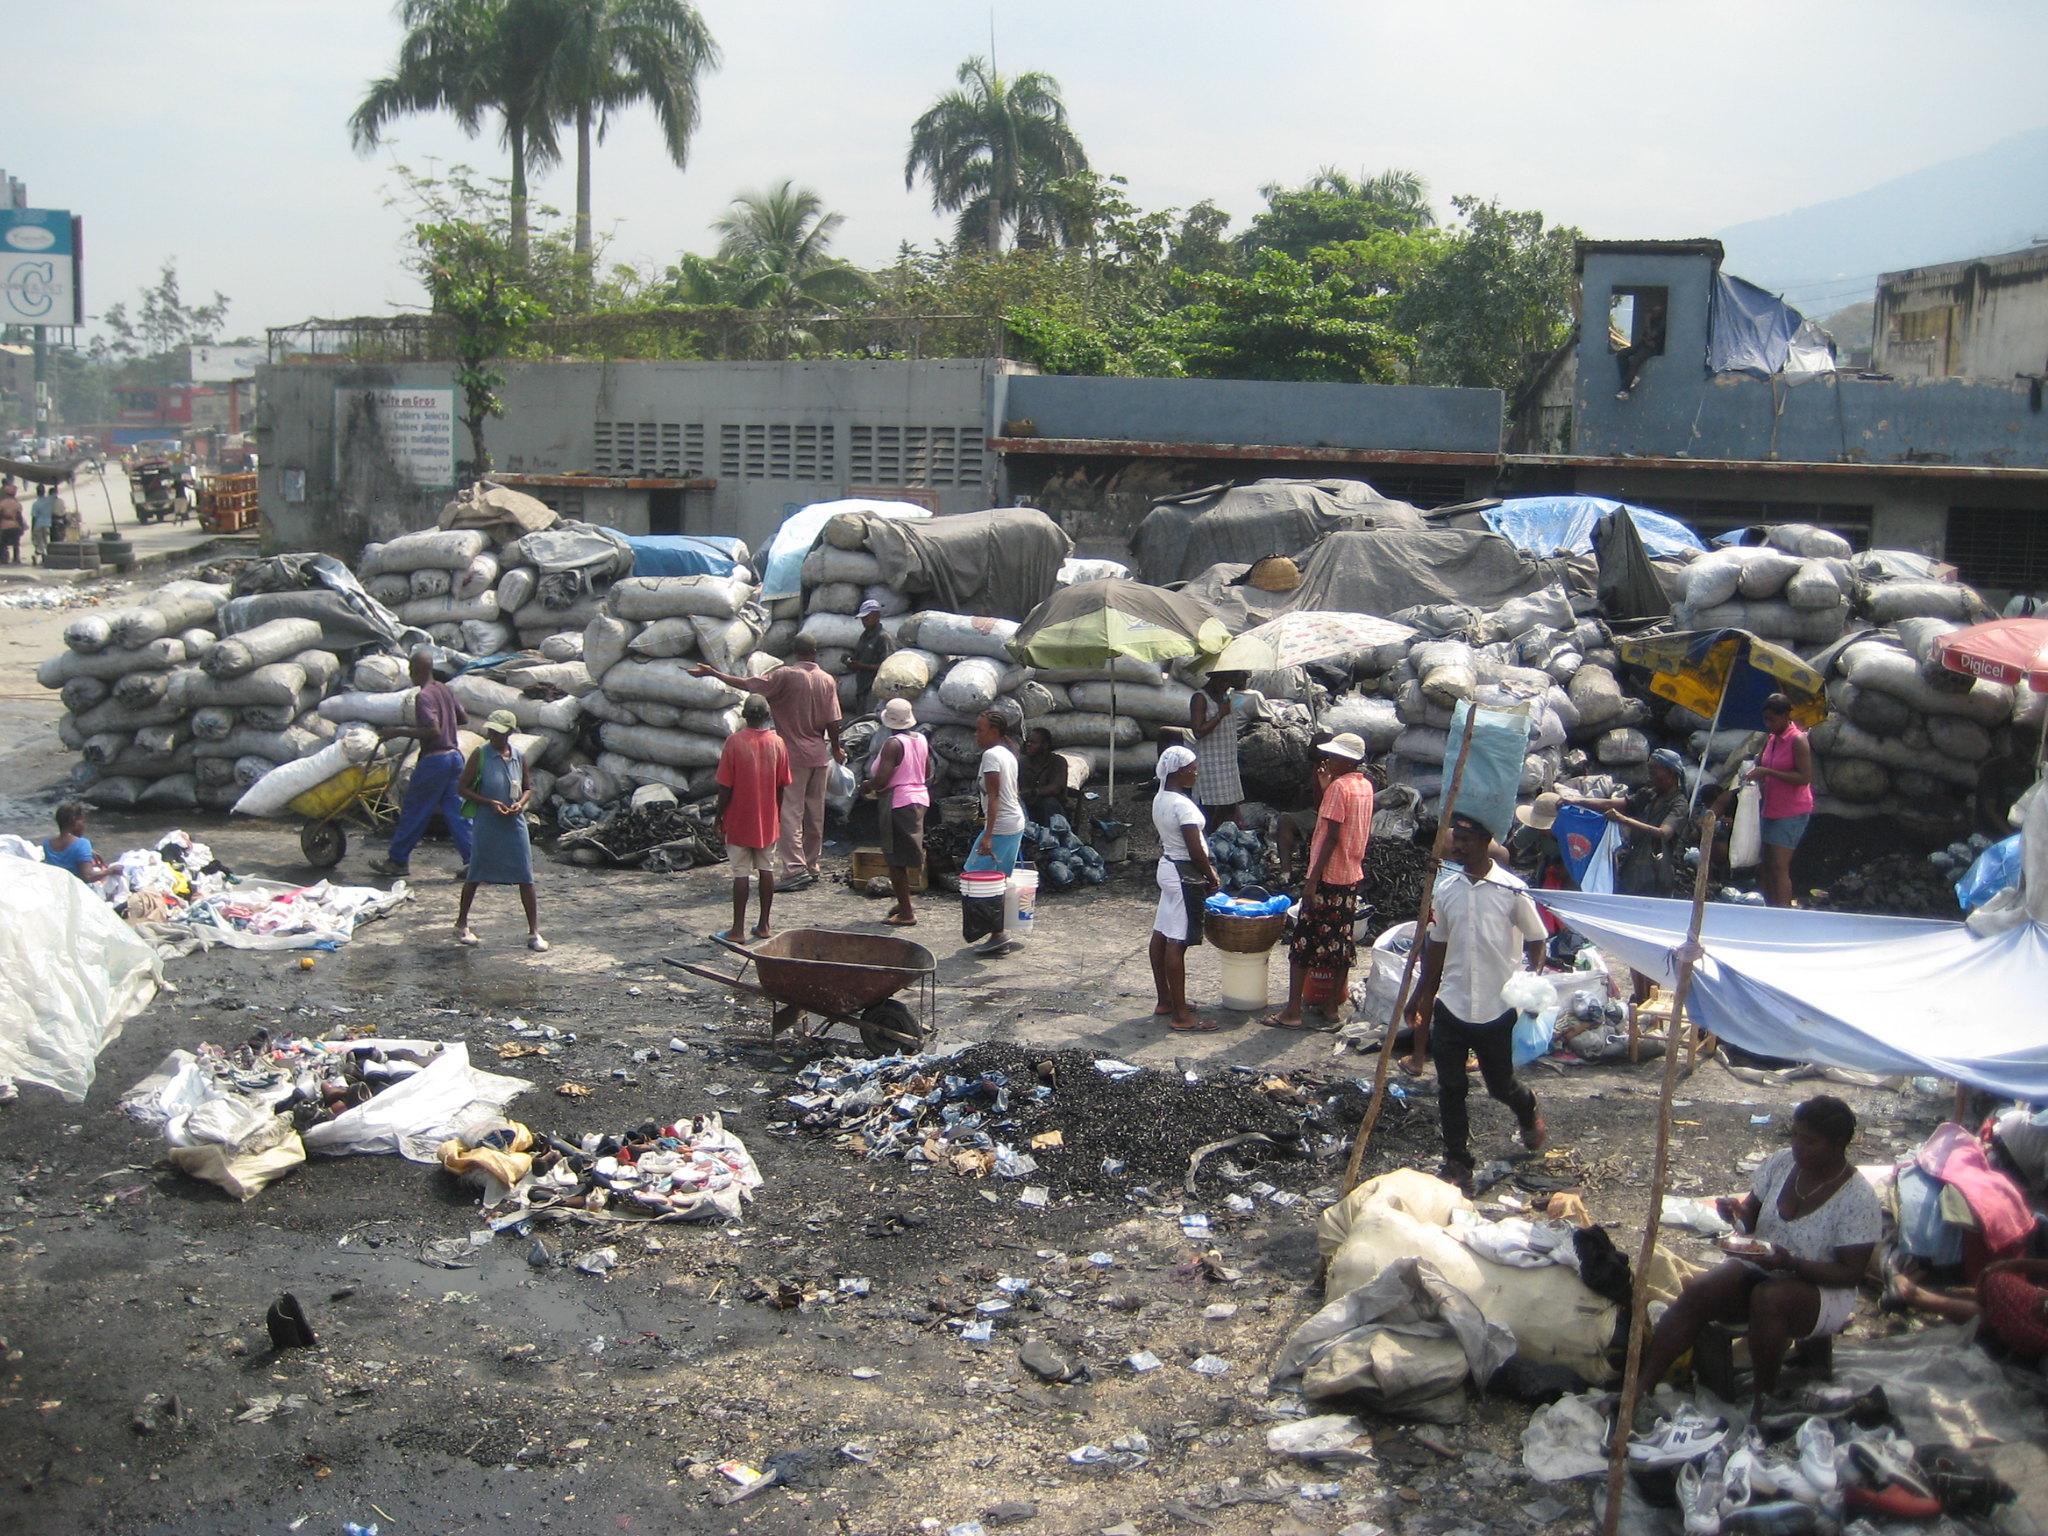 Charcoal Market, Haiti